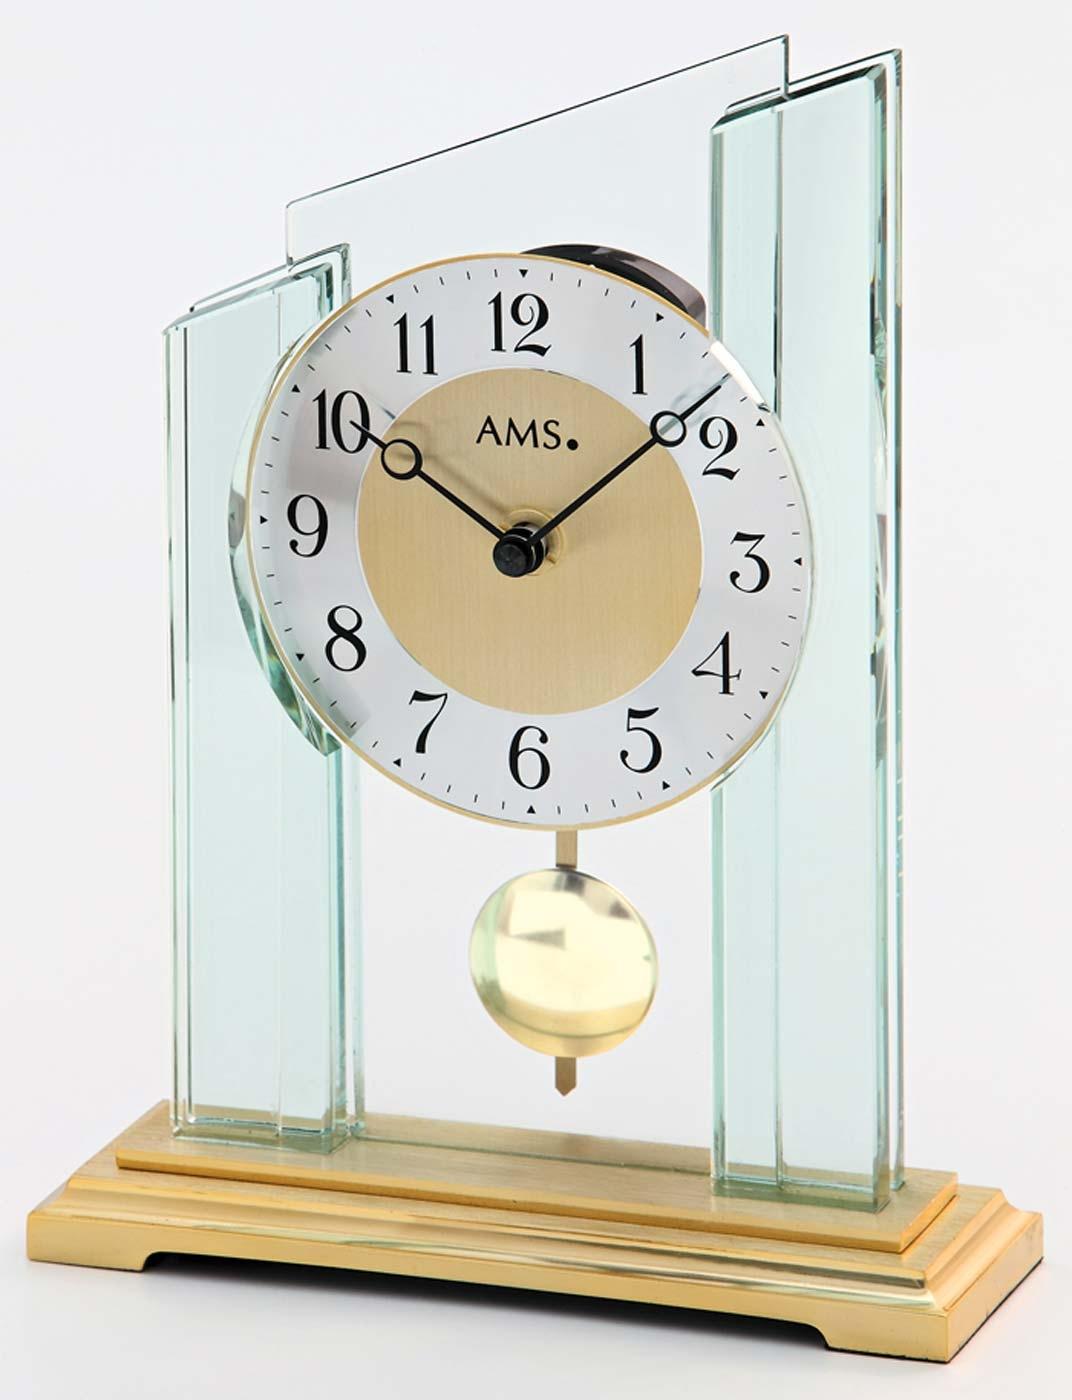 ceas de masa ams 1167